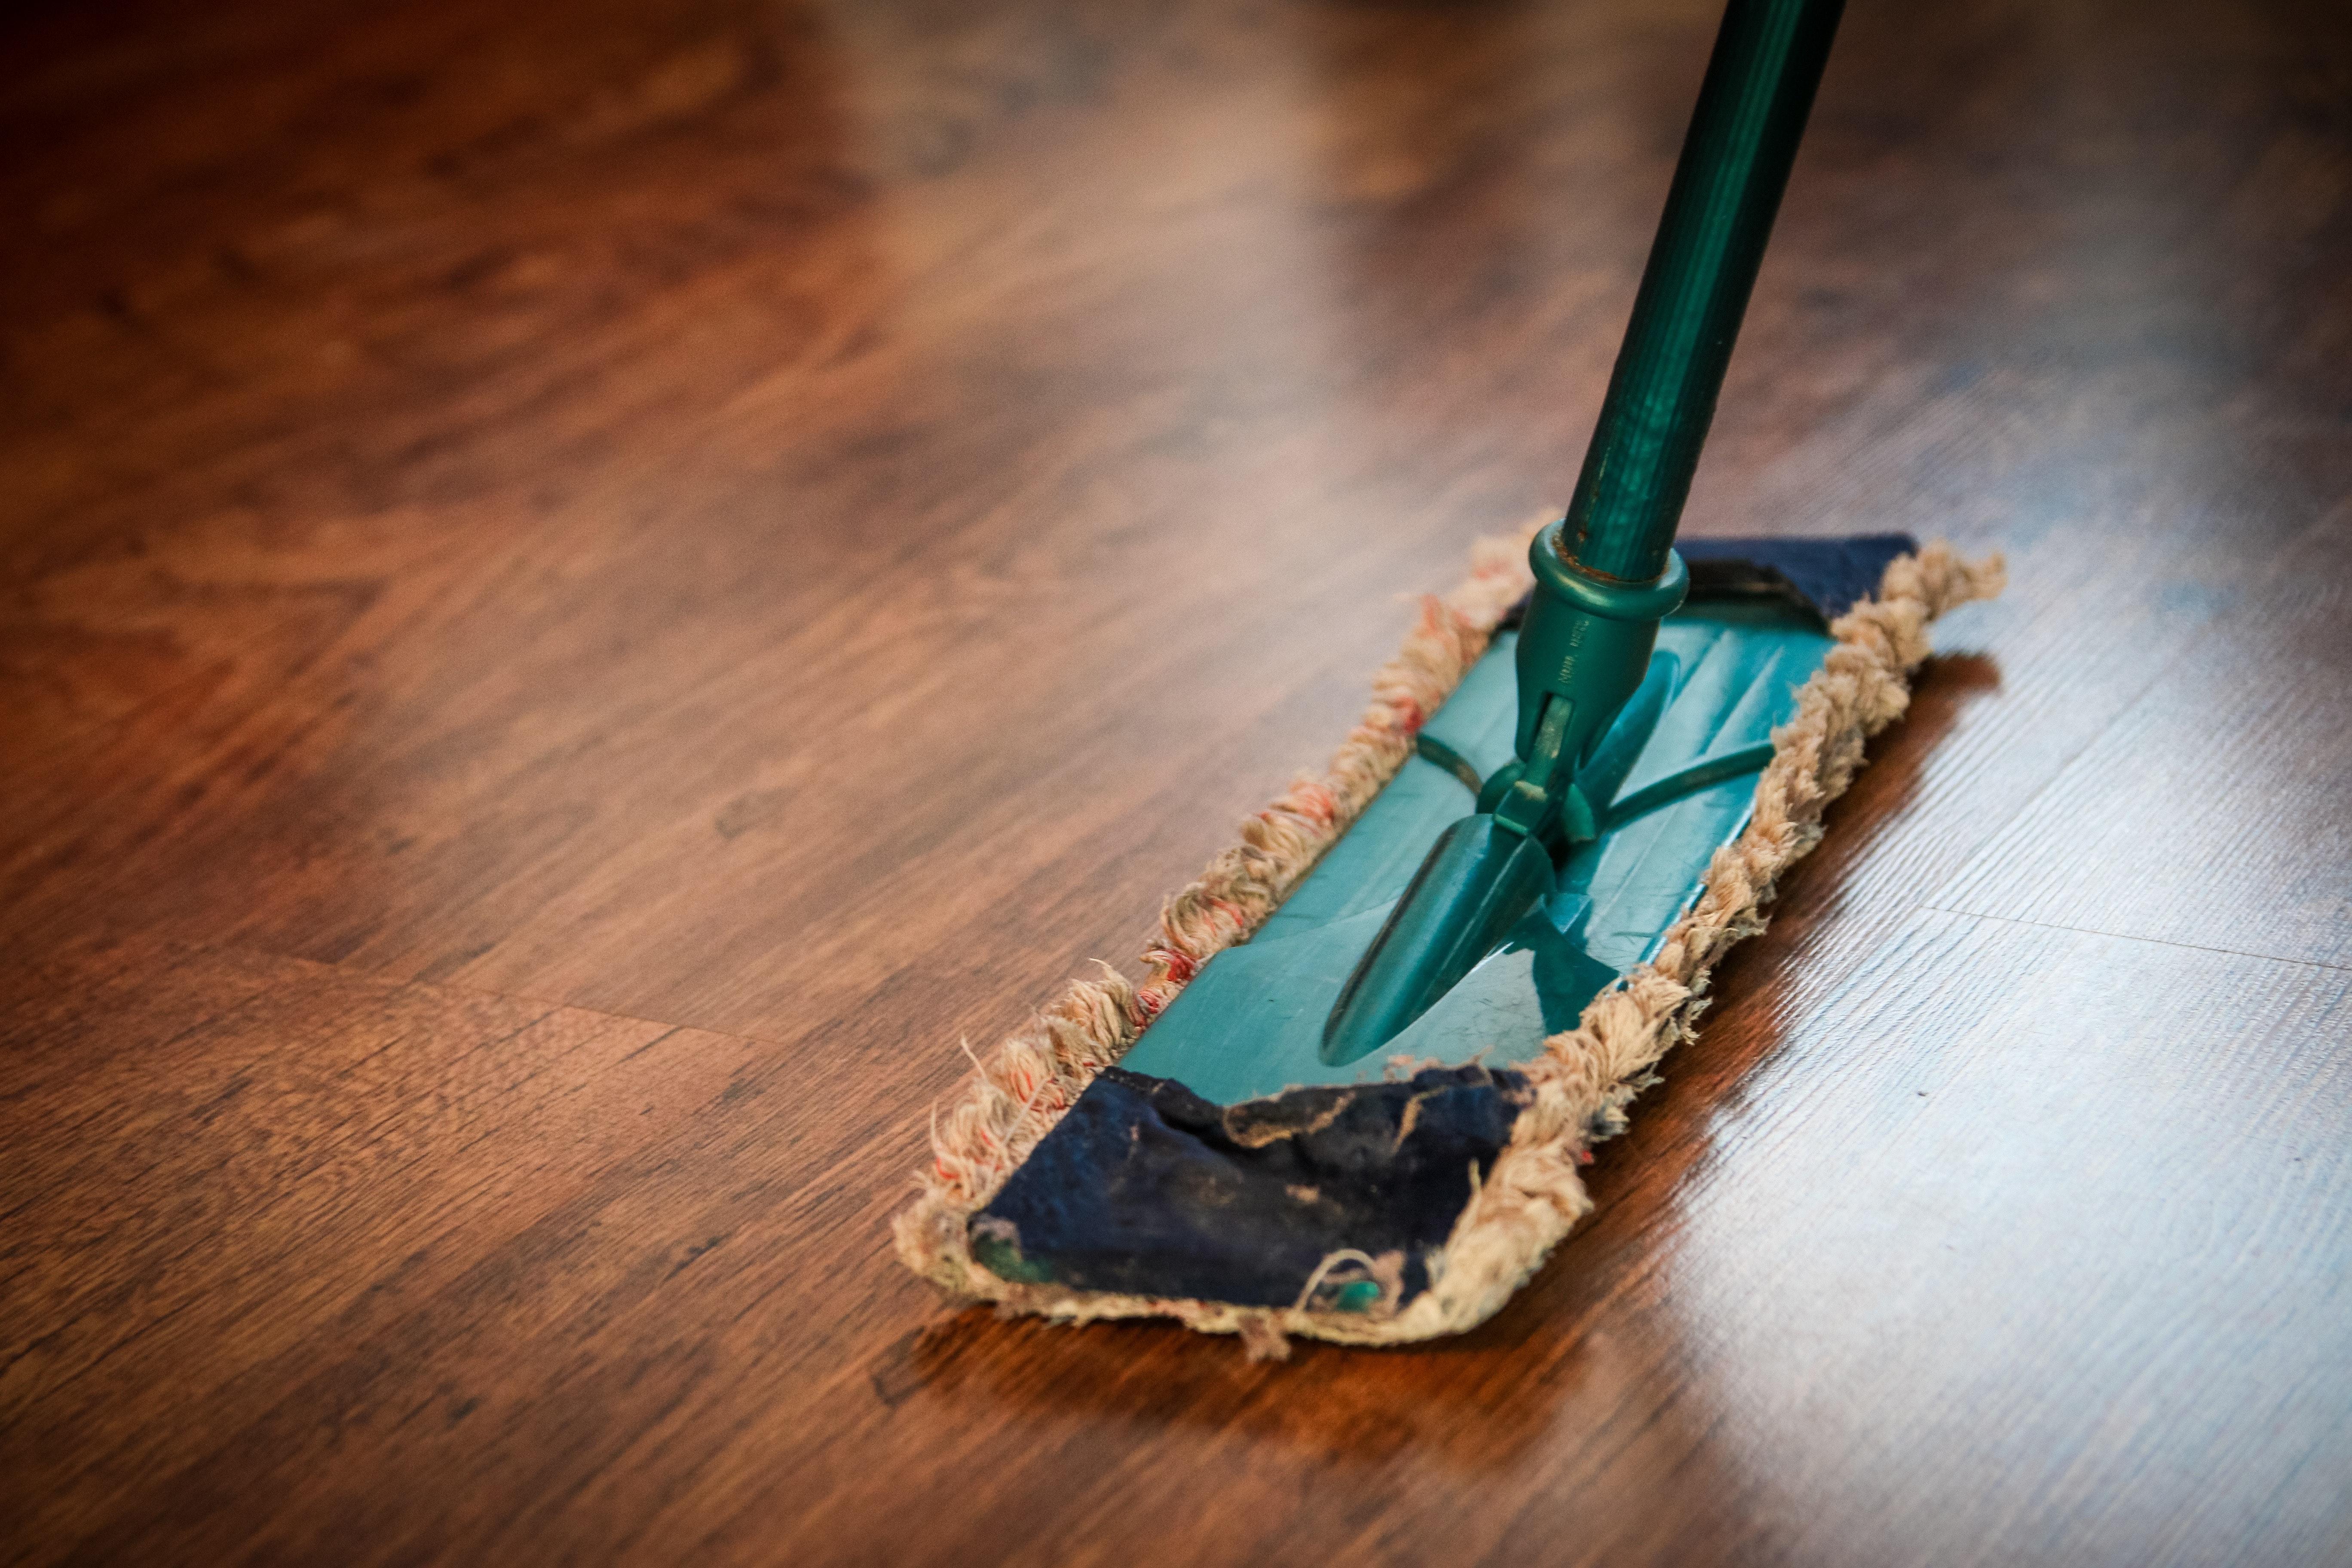 van toor interiors vloer behandelen